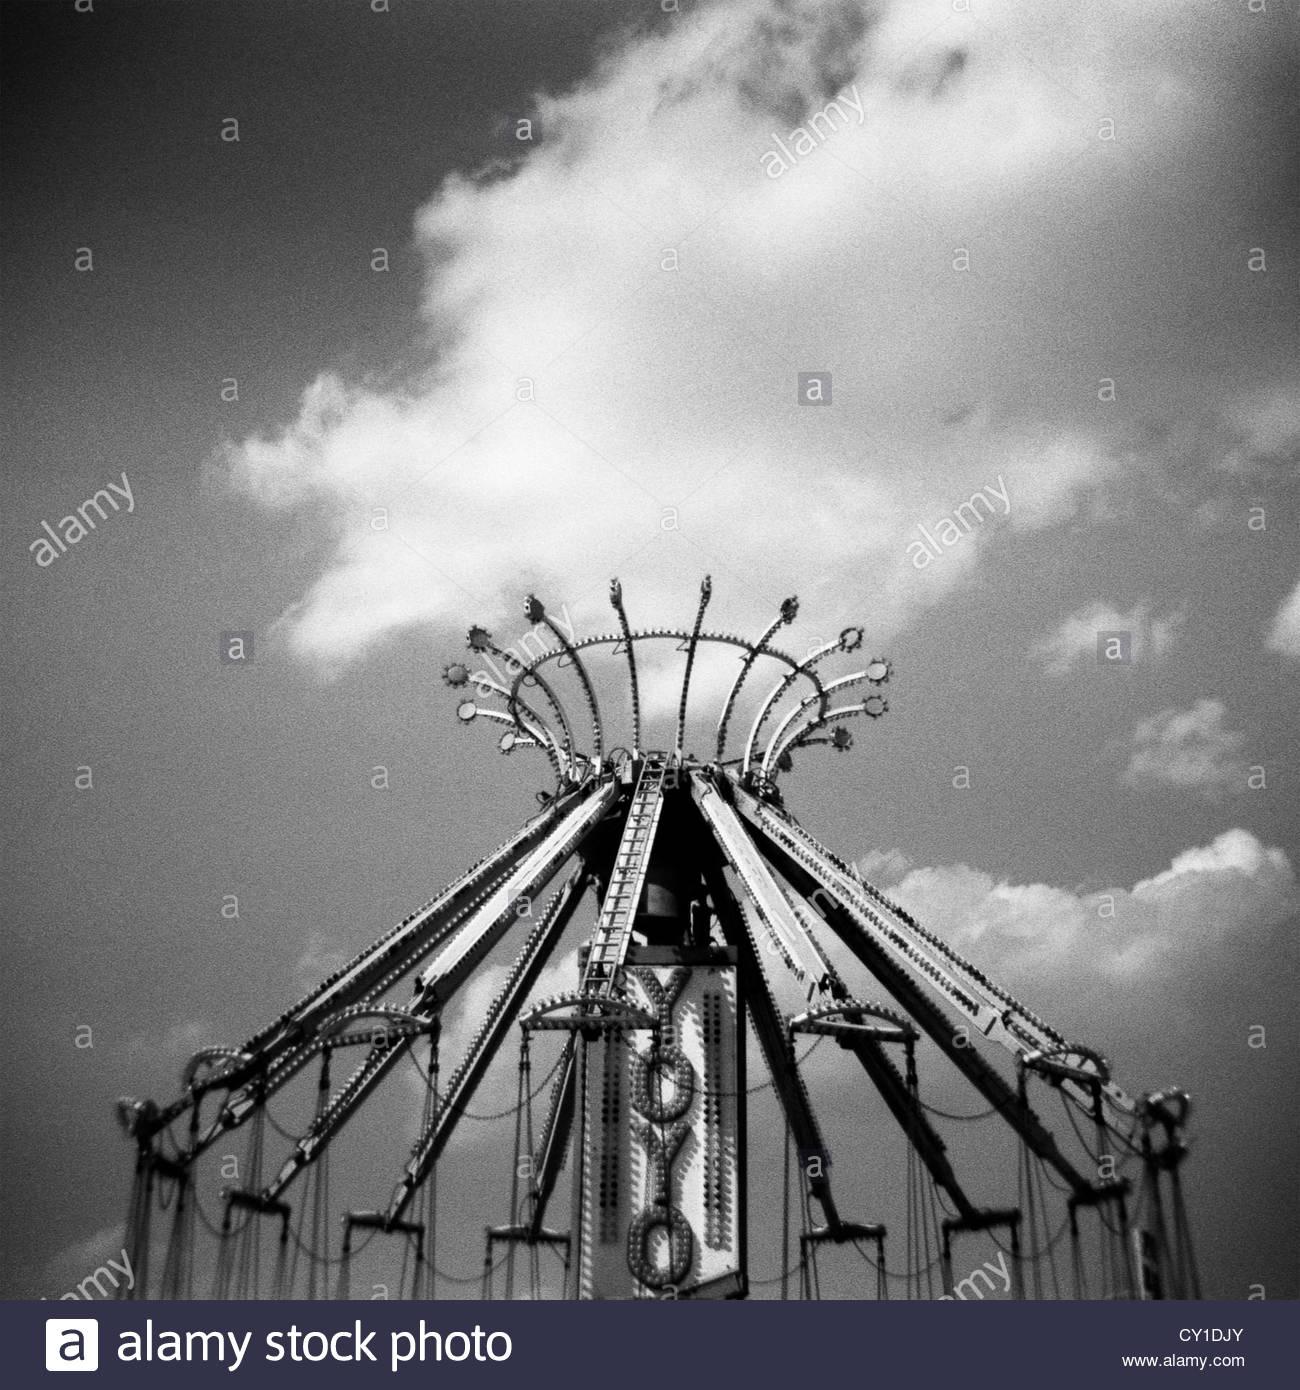 Monocromatico Holga carnevale immagine di Yoyo ride con le nuvole Immagini Stock